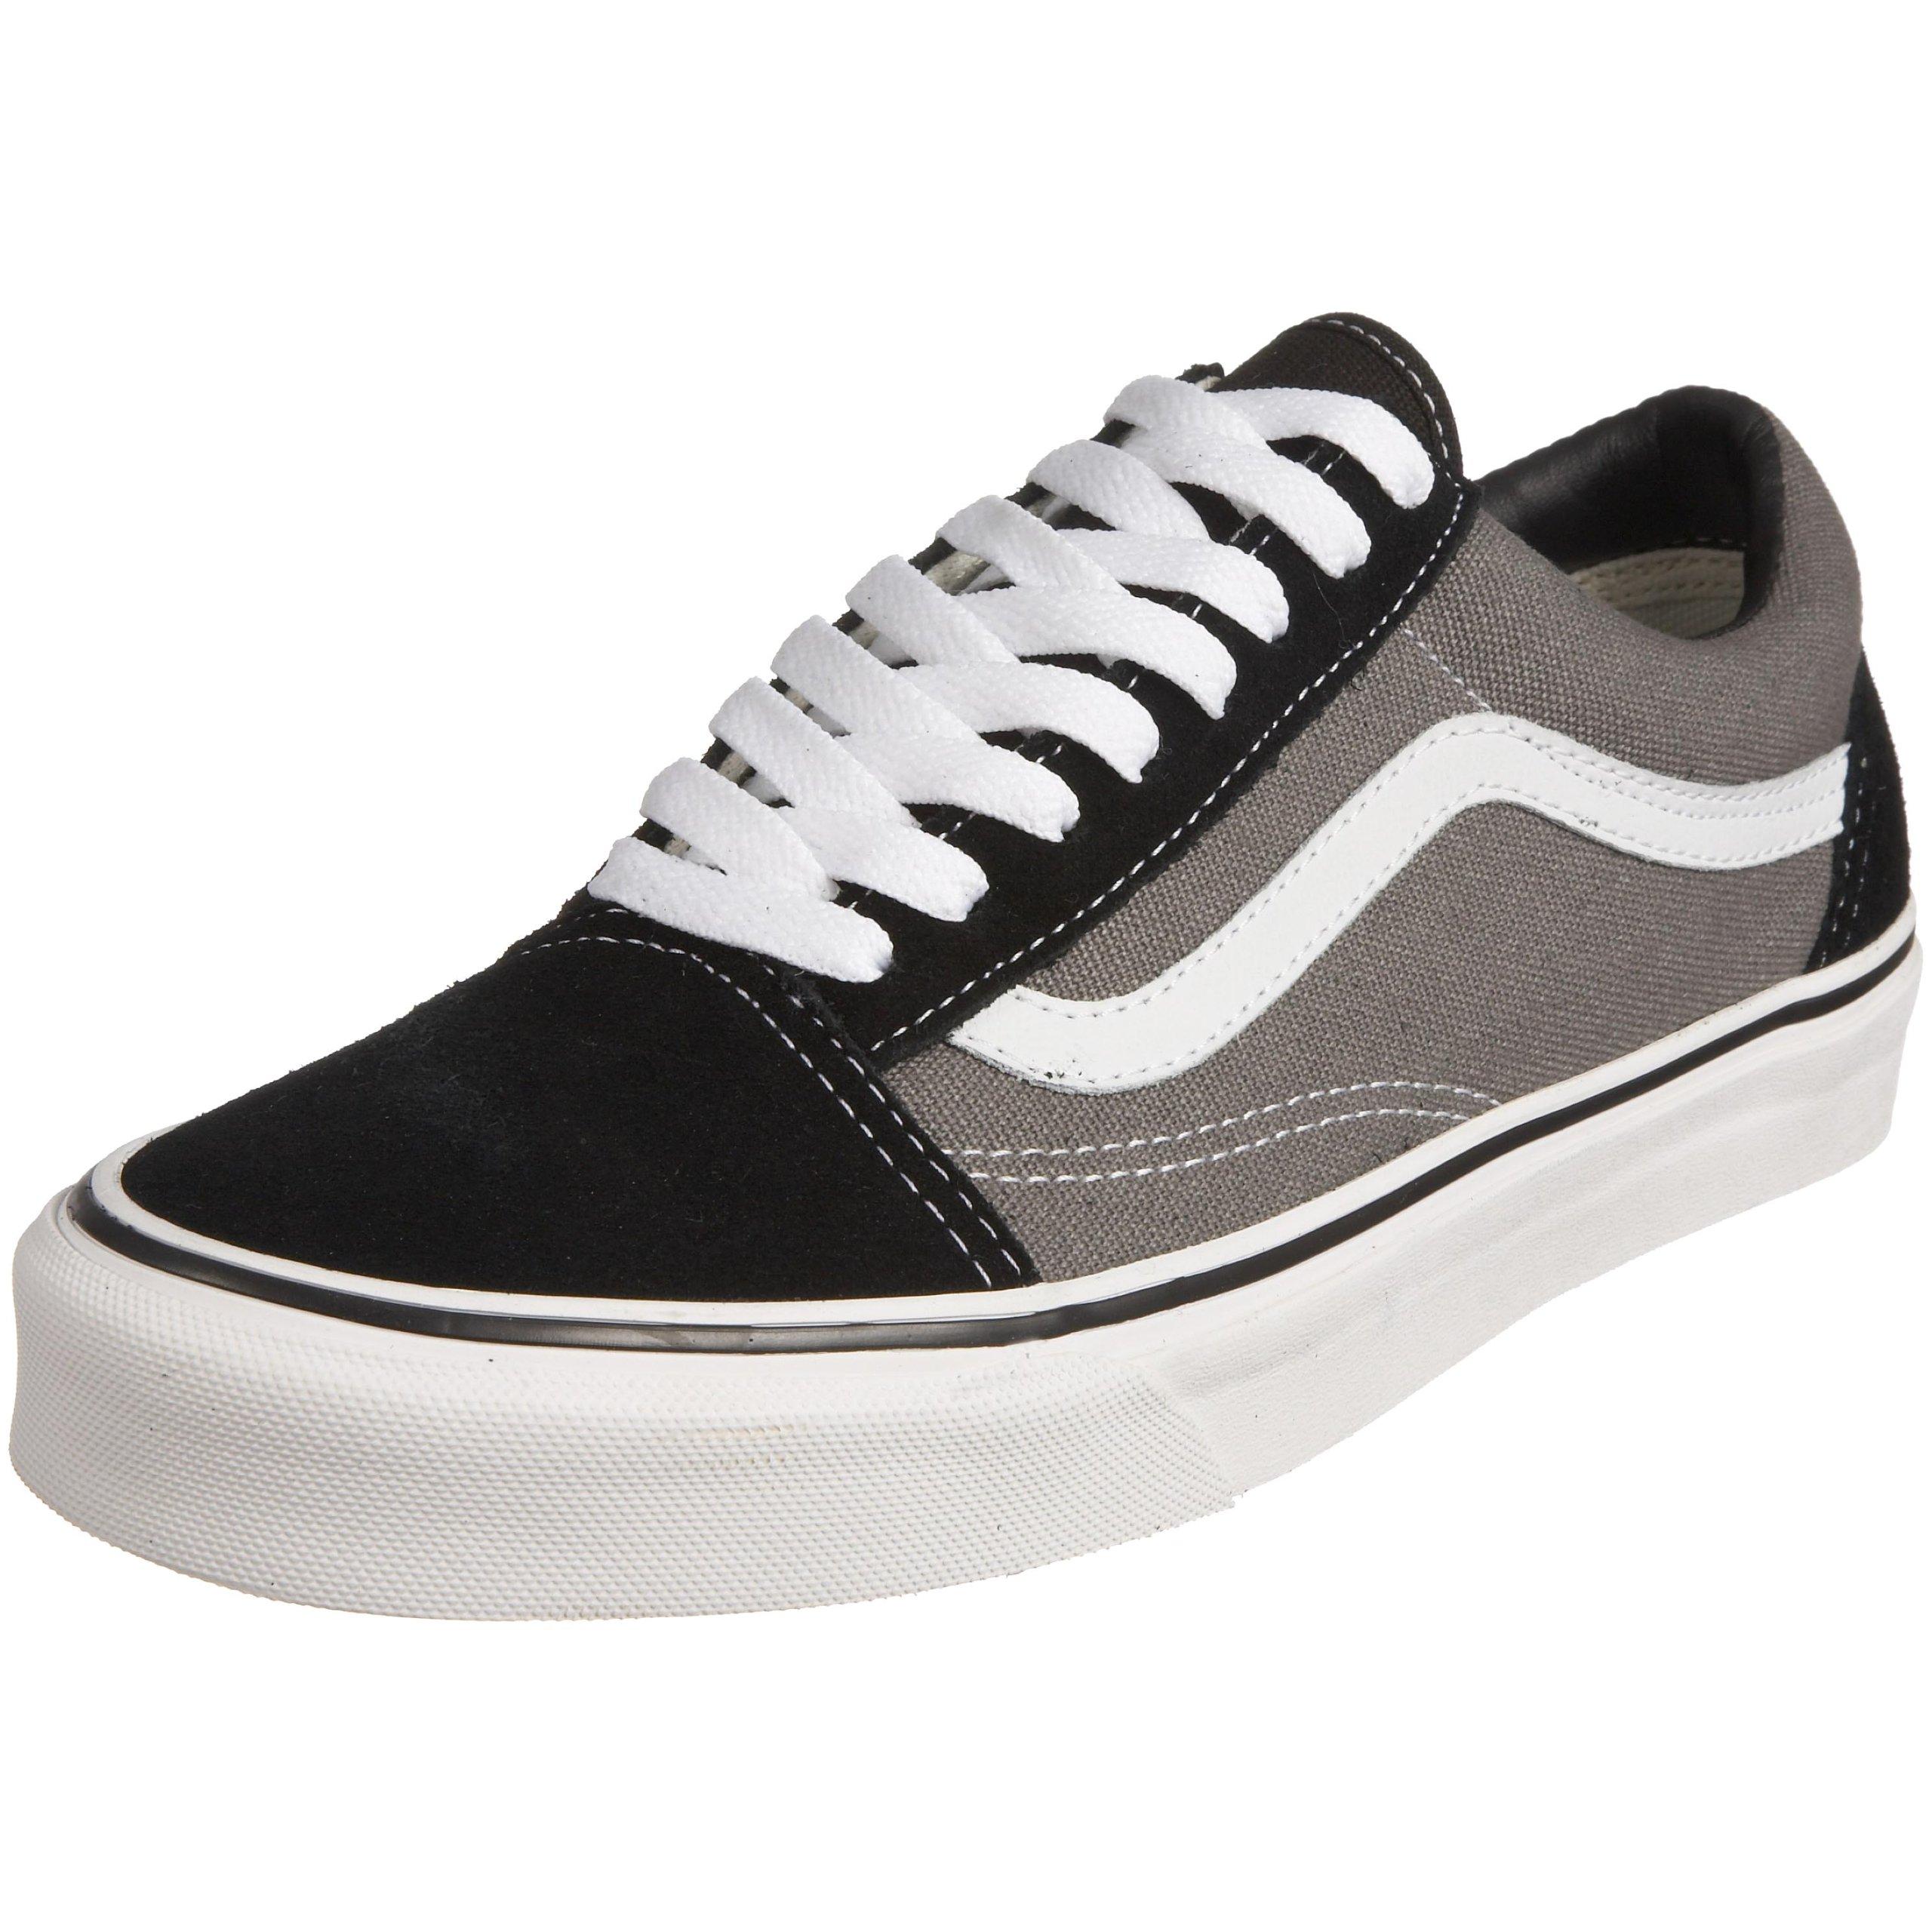 Vans Unisex Old Skool Classic Skate Shoes, Black/Pewter, Men's 7.5, Women's 9 Medium